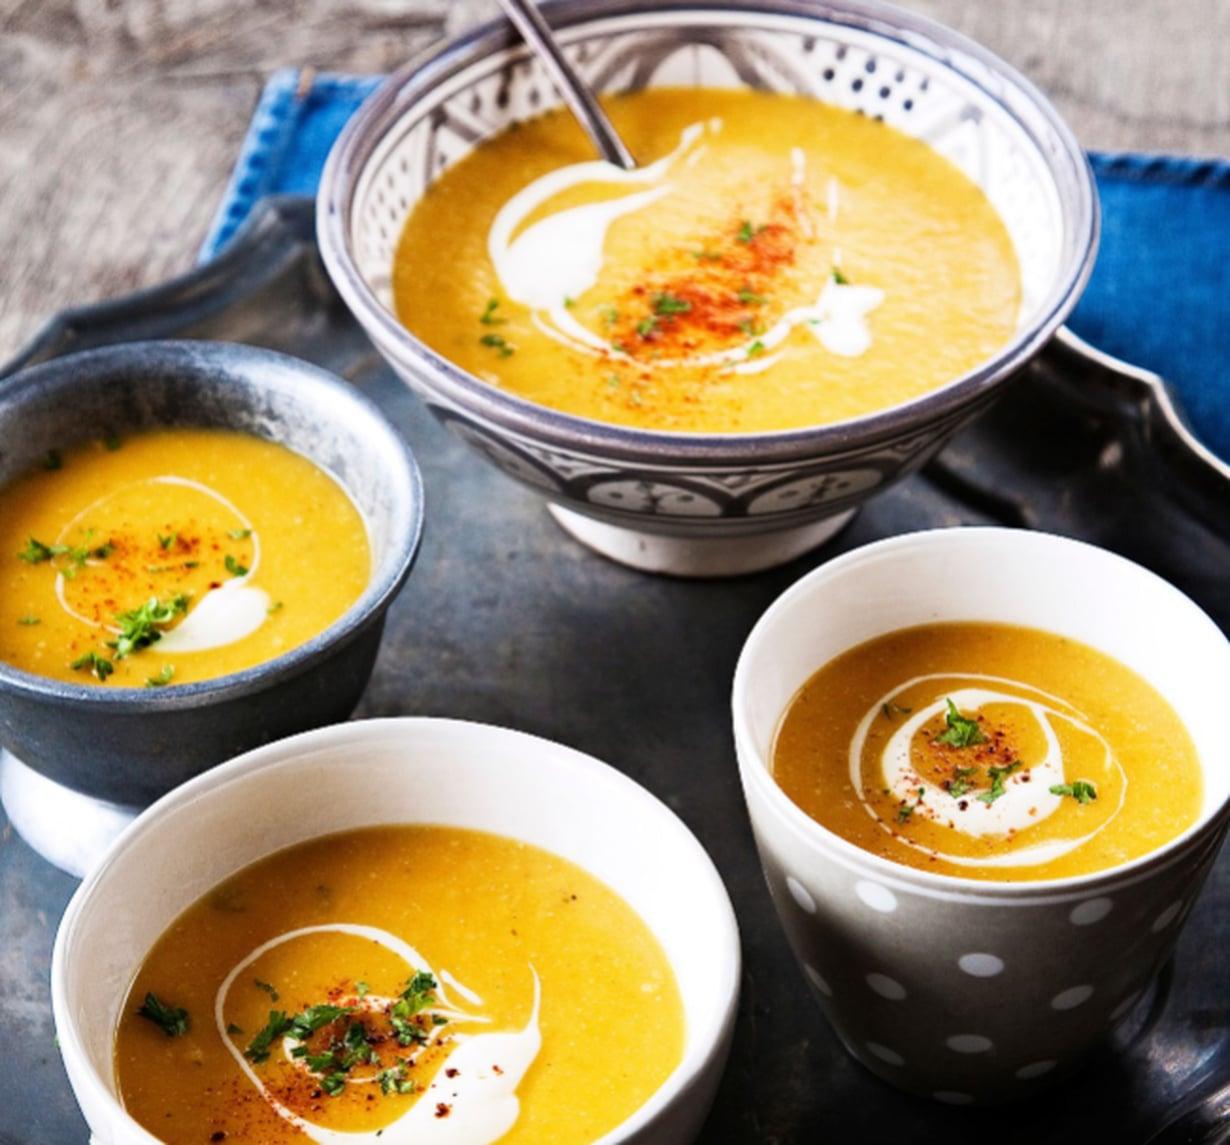 Keiton koristeluun sopivat notkistettu ranskankerma, silputtu persilja ja paprikajauhe.